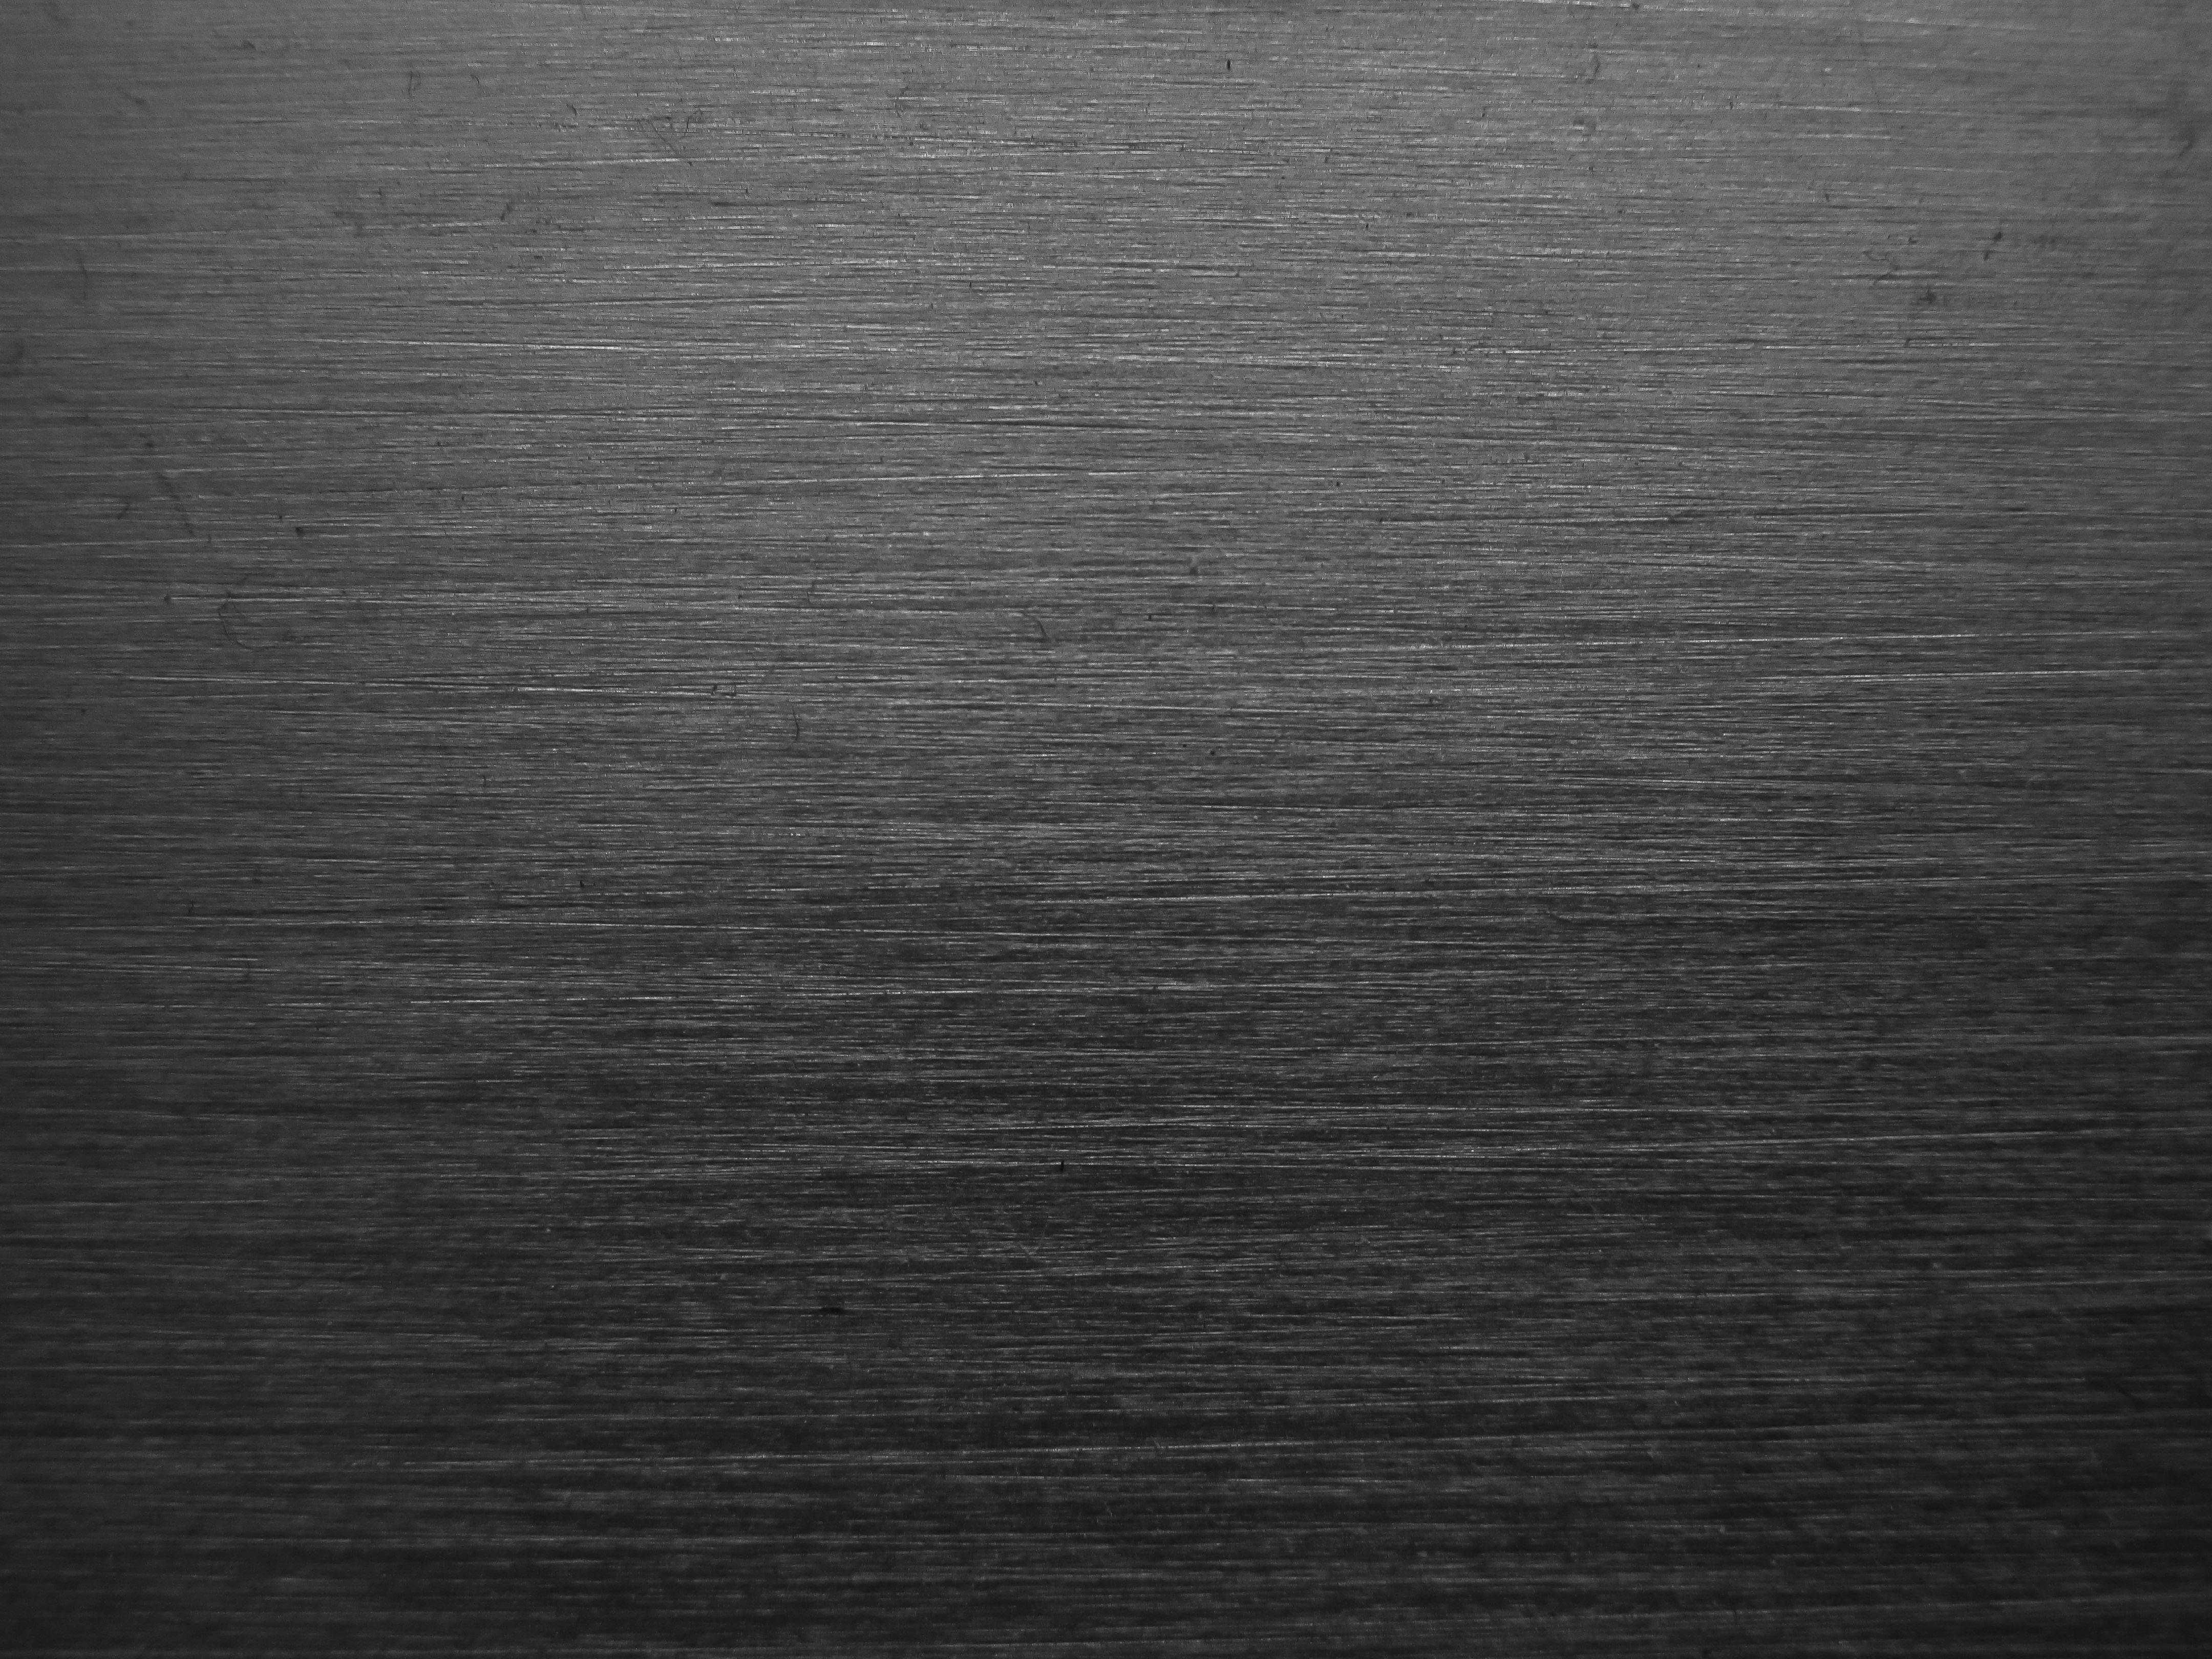 dark brushed metal texture steel black stock photo scratch wallpaper 4320x3240